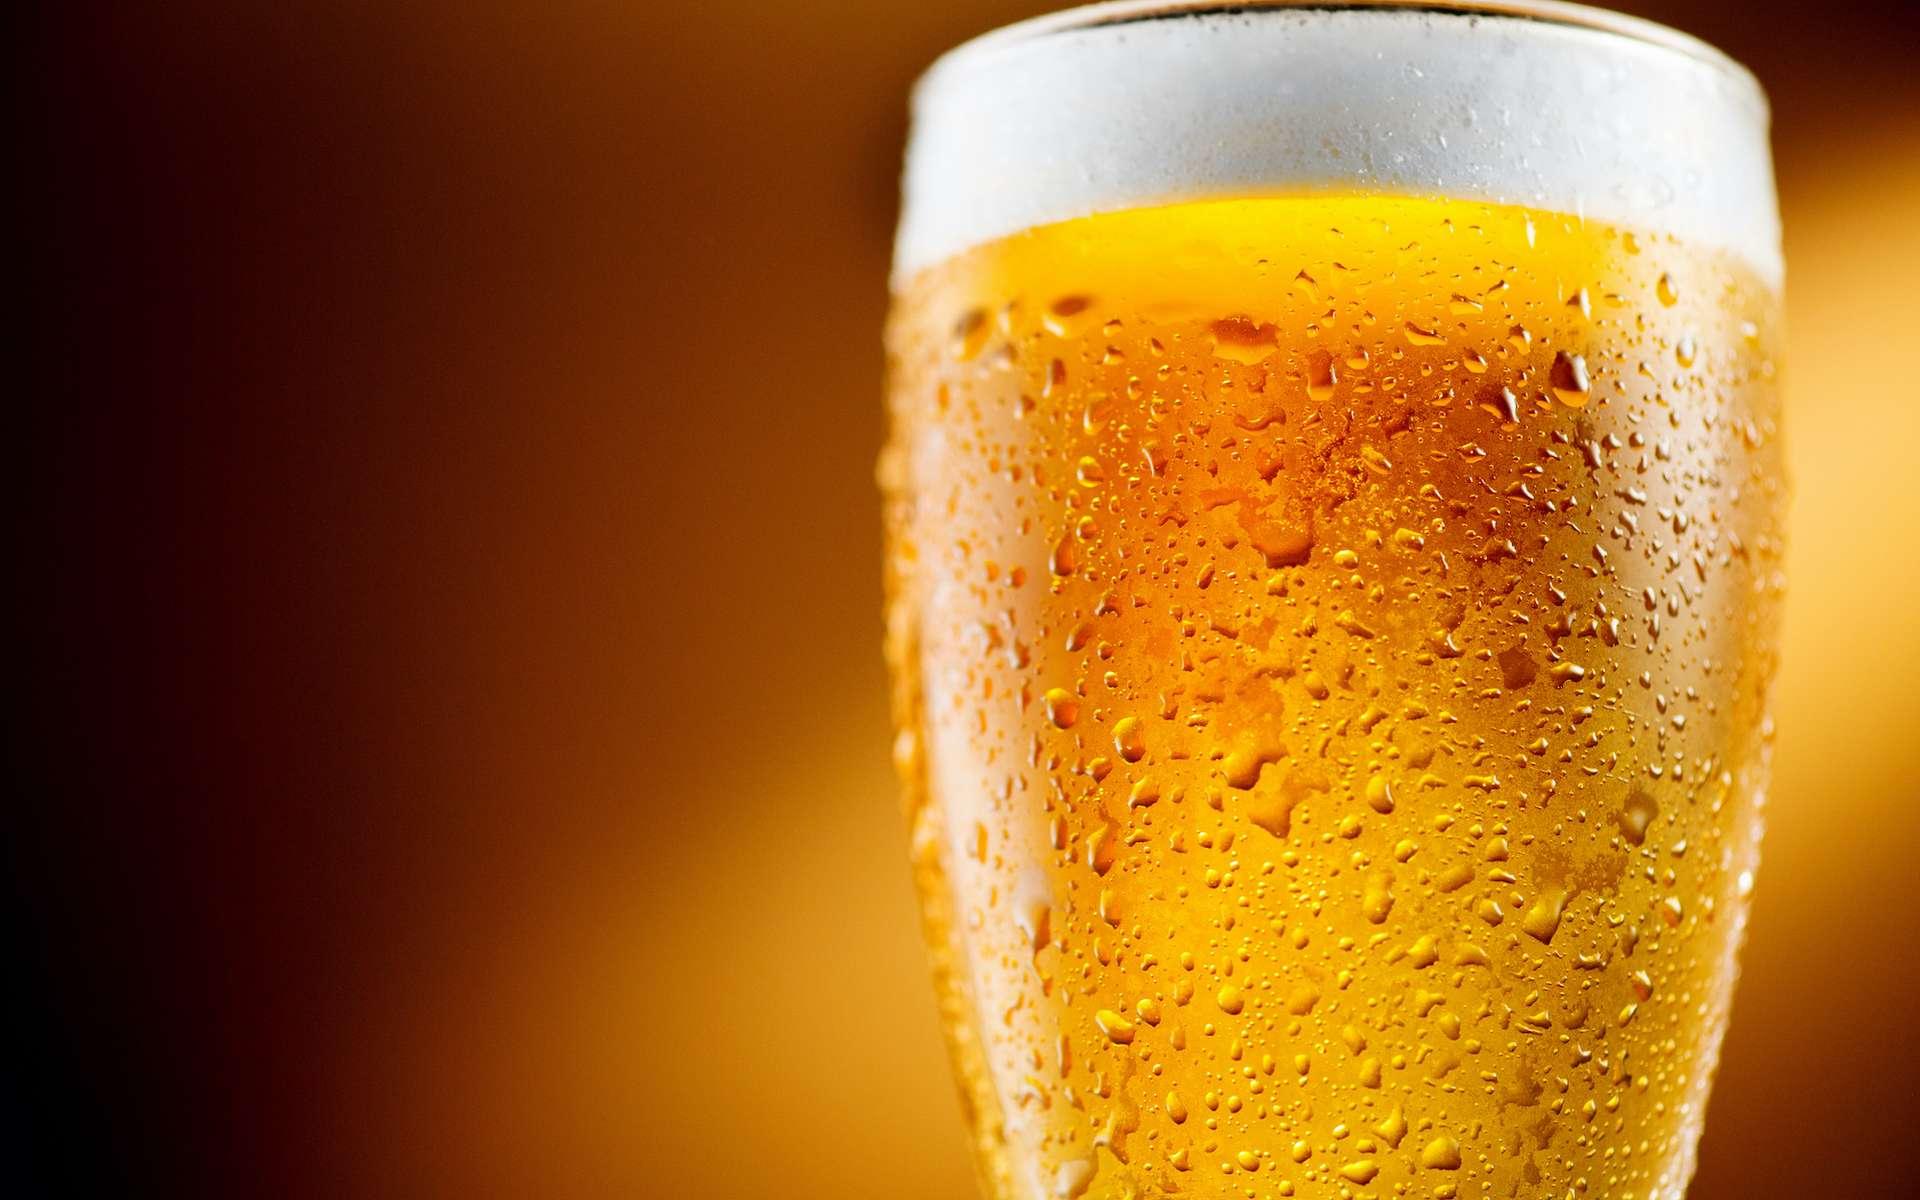 La bière sans alcool titre moins de 1,2 % d'alcool en volume. © Subbotina Anna, Adobe Stock